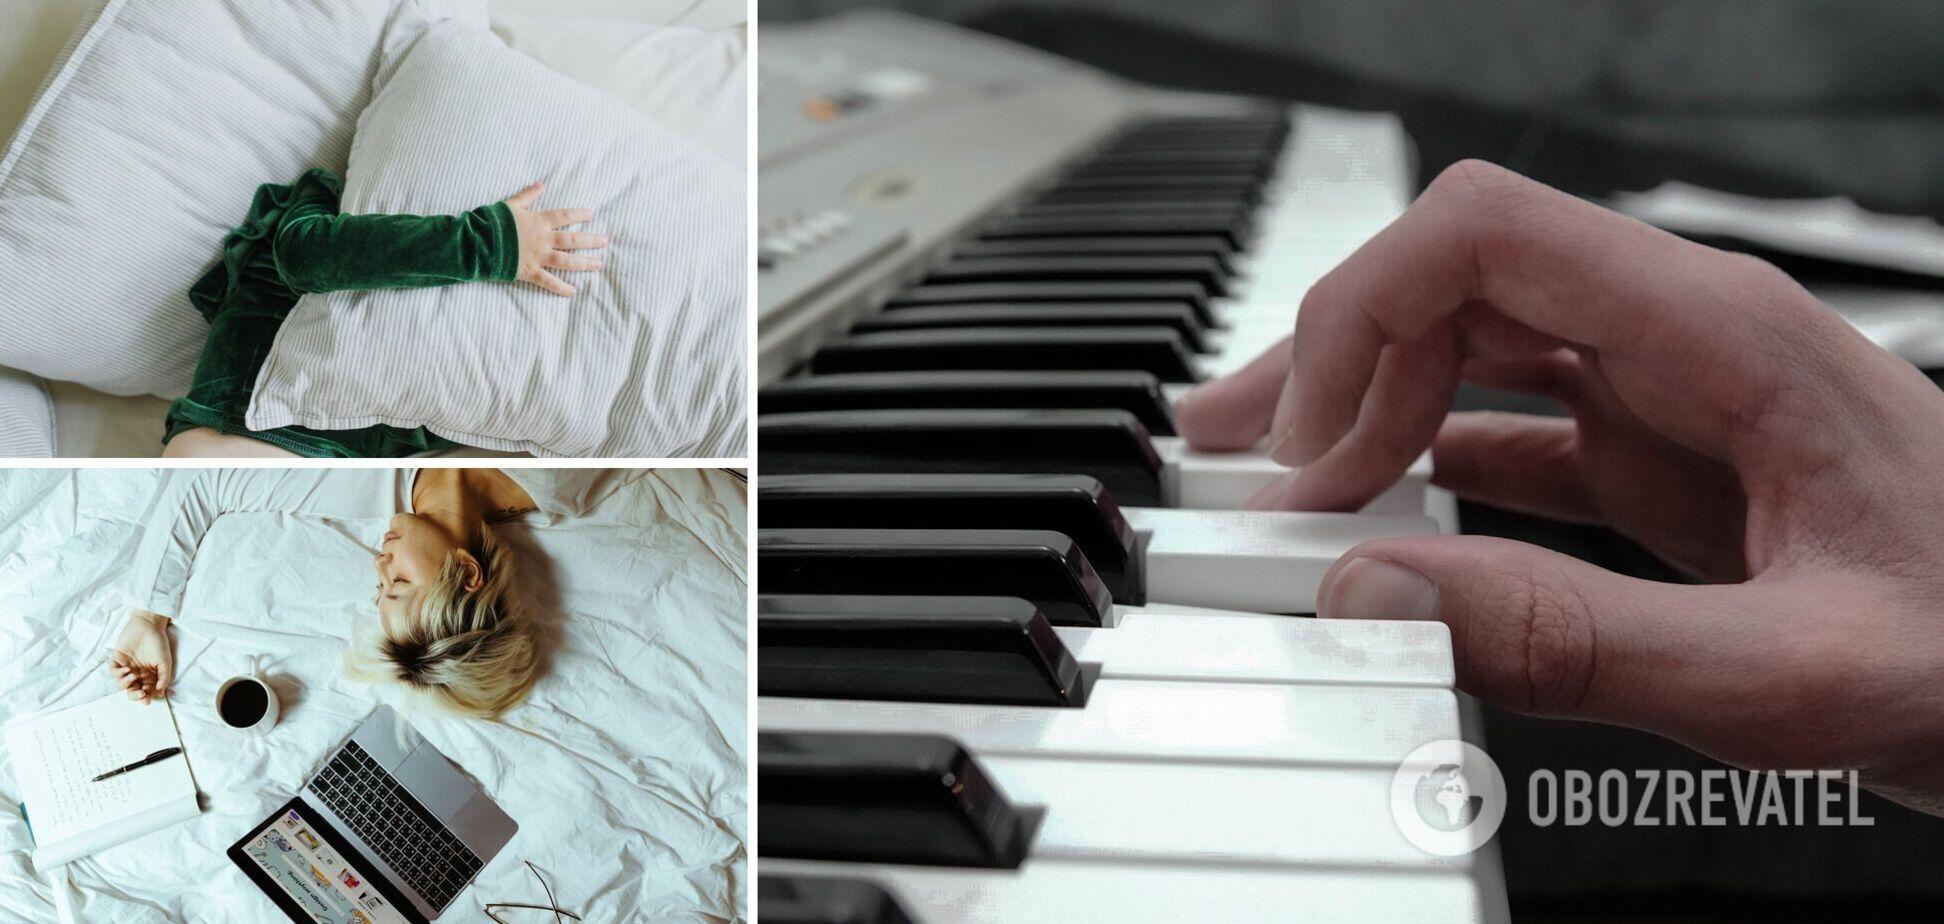 Найкраща музика від безсоння: композиції, які допоможуть заснути